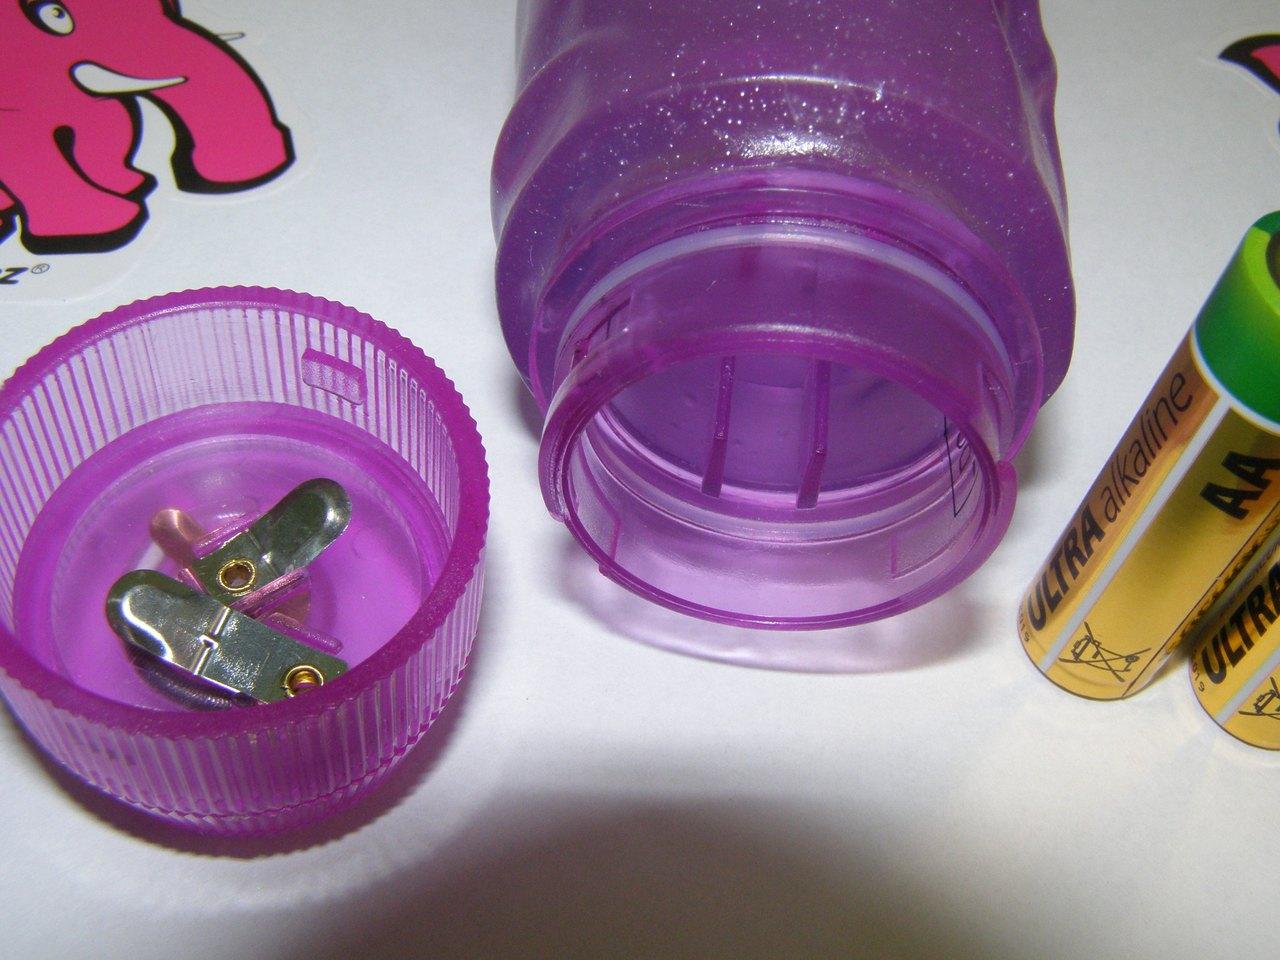 Gelový vibrátor fialový-1